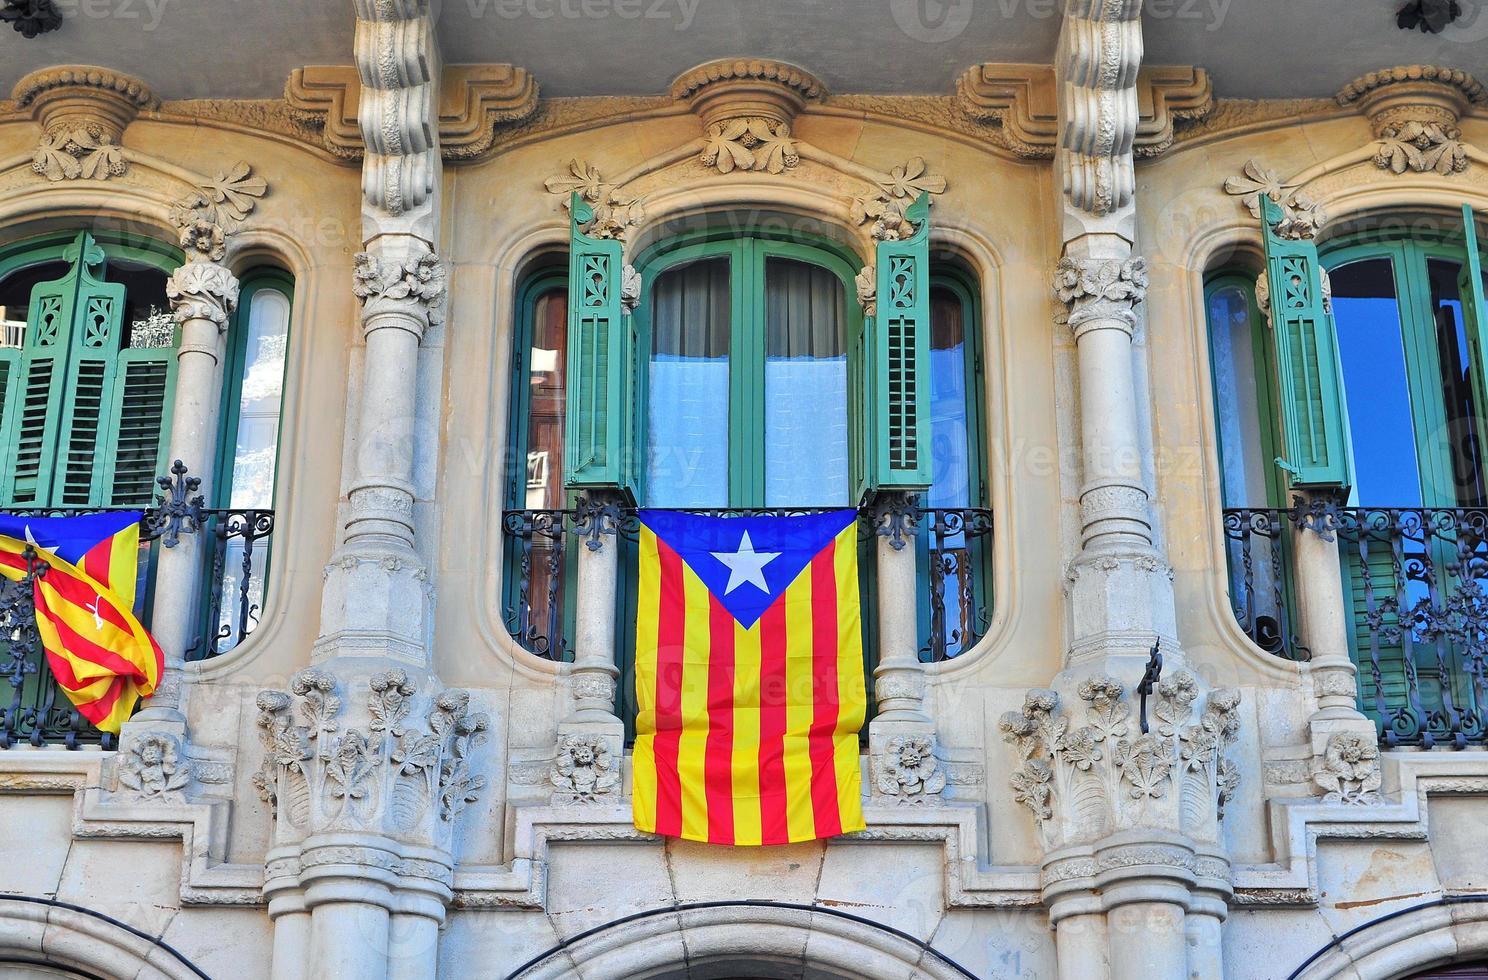 maison espagnole photo